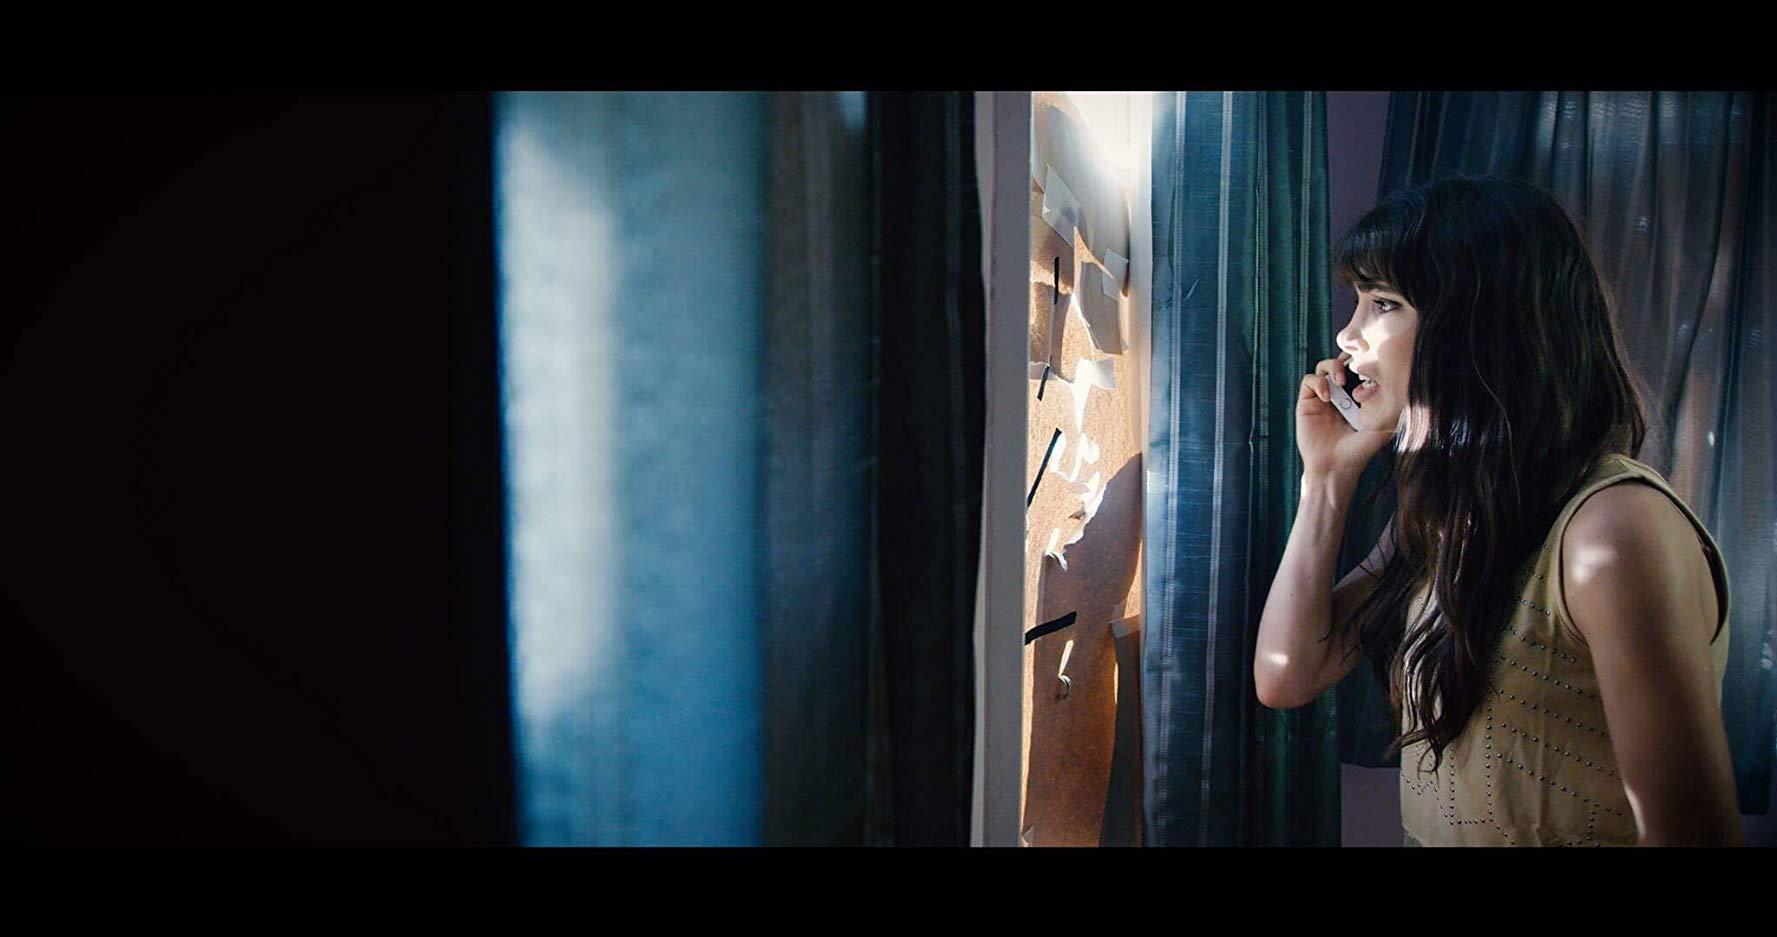 مشاهدة فيلم Mandy The Haunted Doll 2018 HD مترجم كامل اون لاين